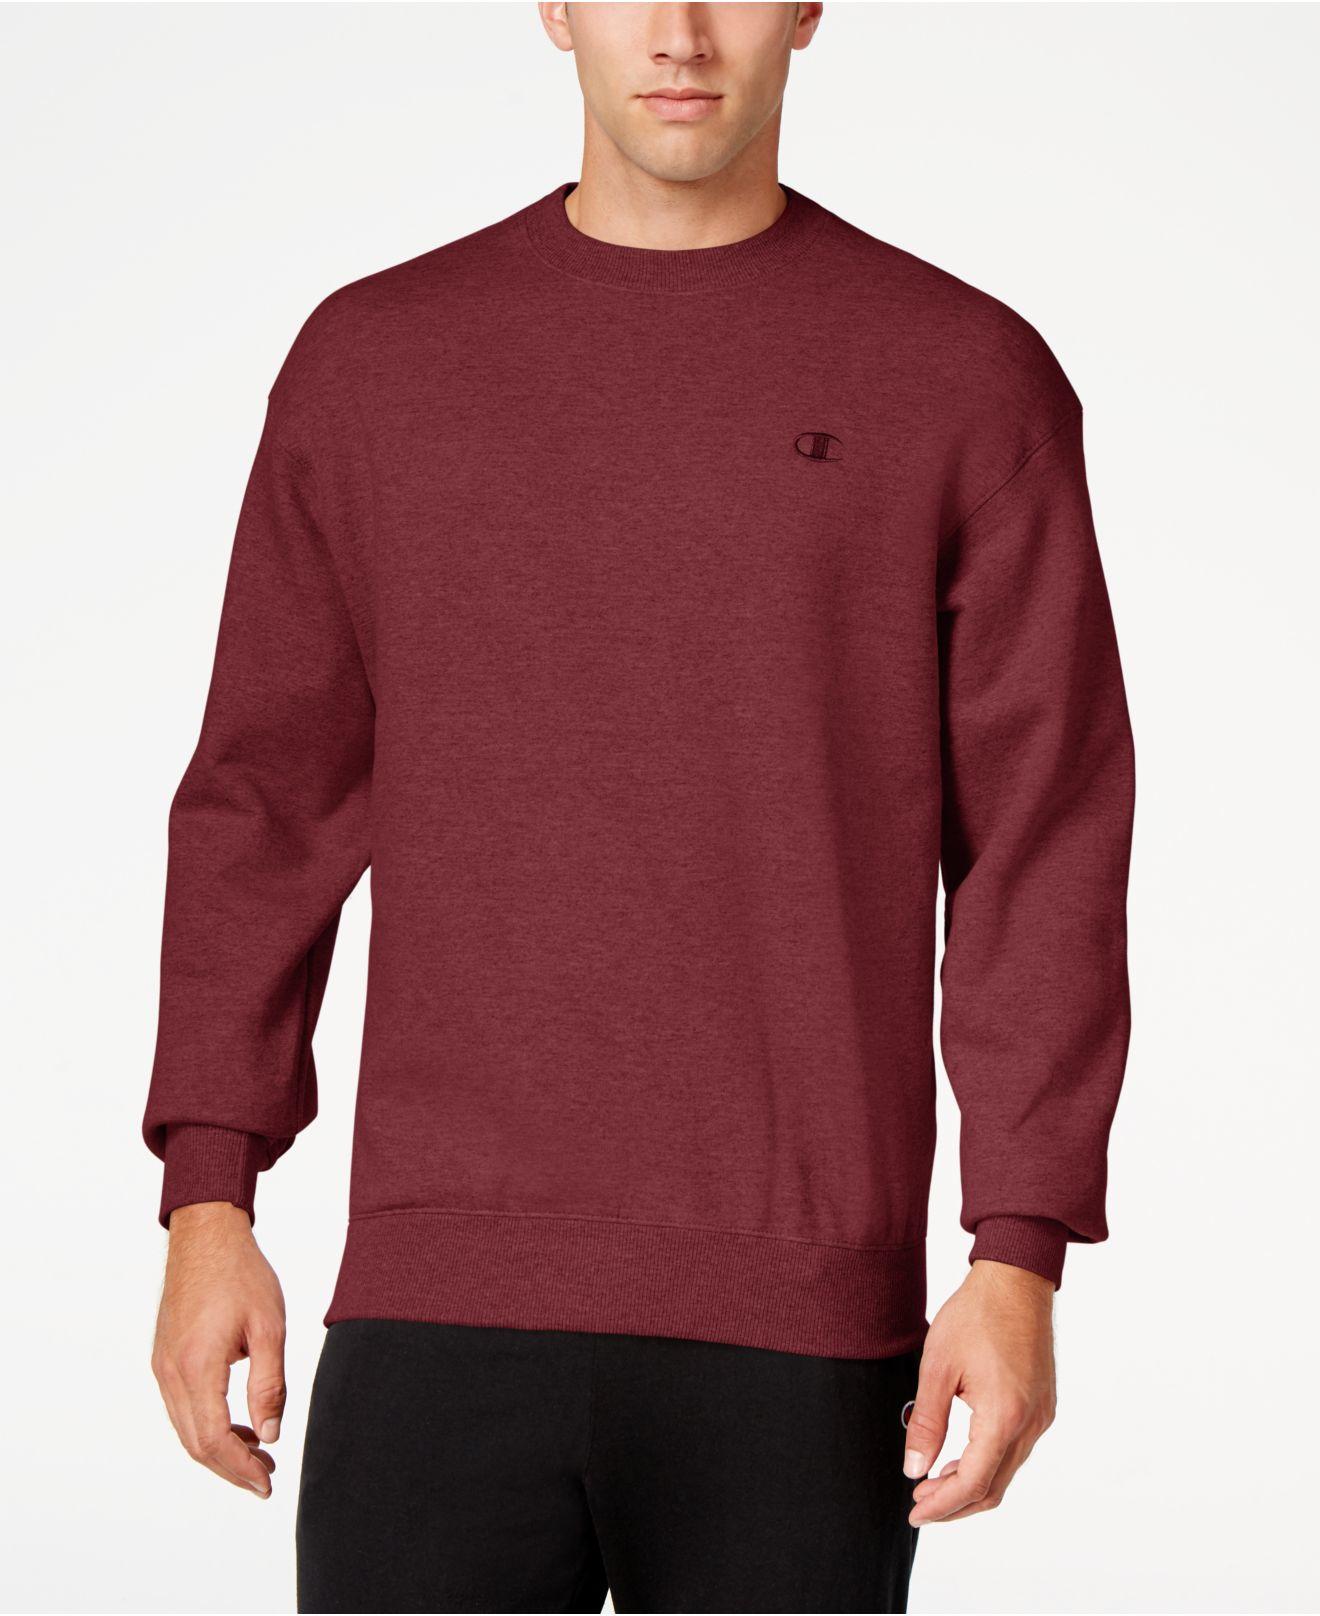 Champion Men S Powerblend Fleece Sweatshirt In Red For Men